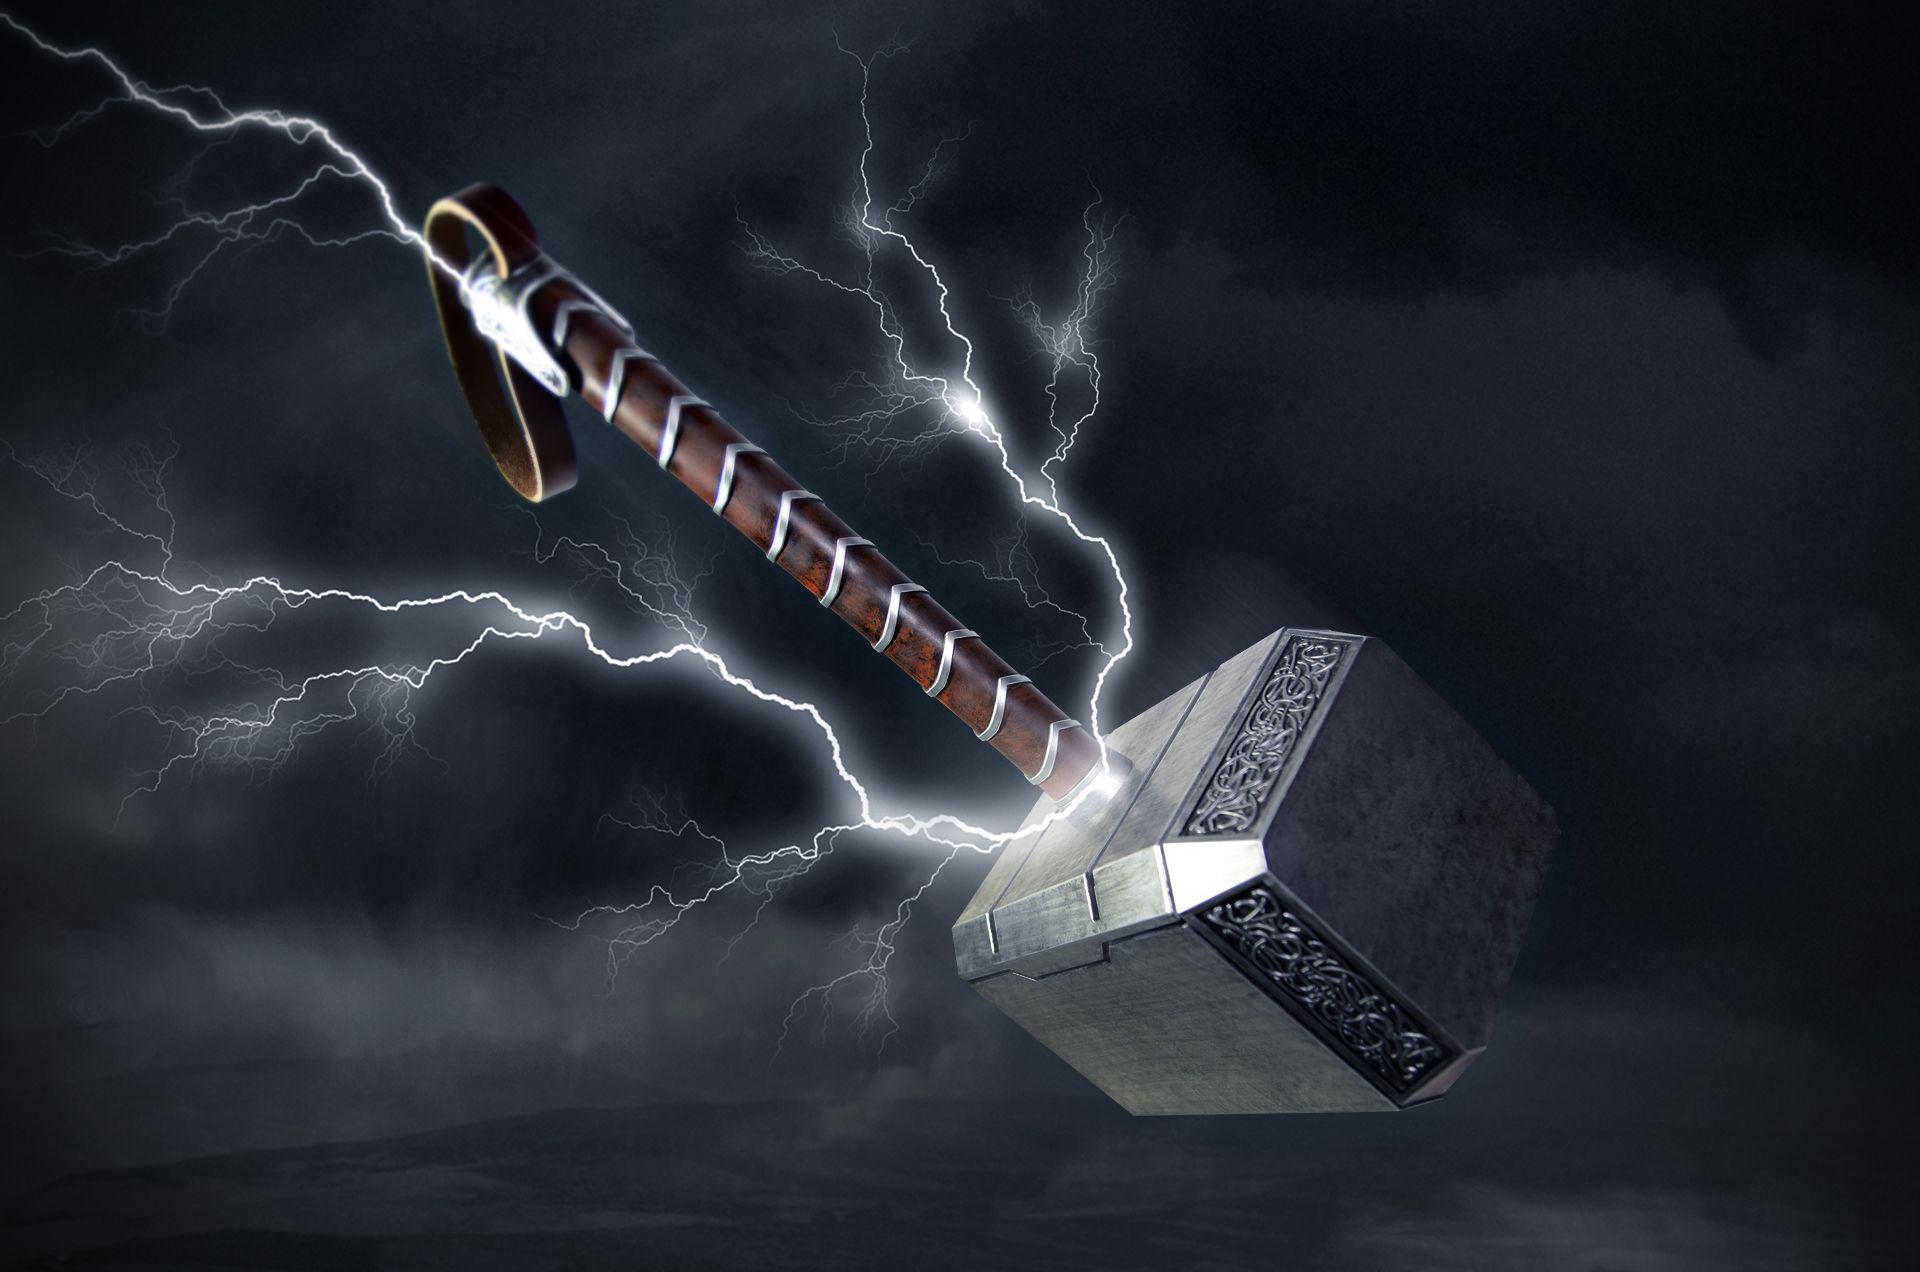 Thors Hammer Wallpaper Thor Wallpaper Thors Hammer Marvel Wallpaper